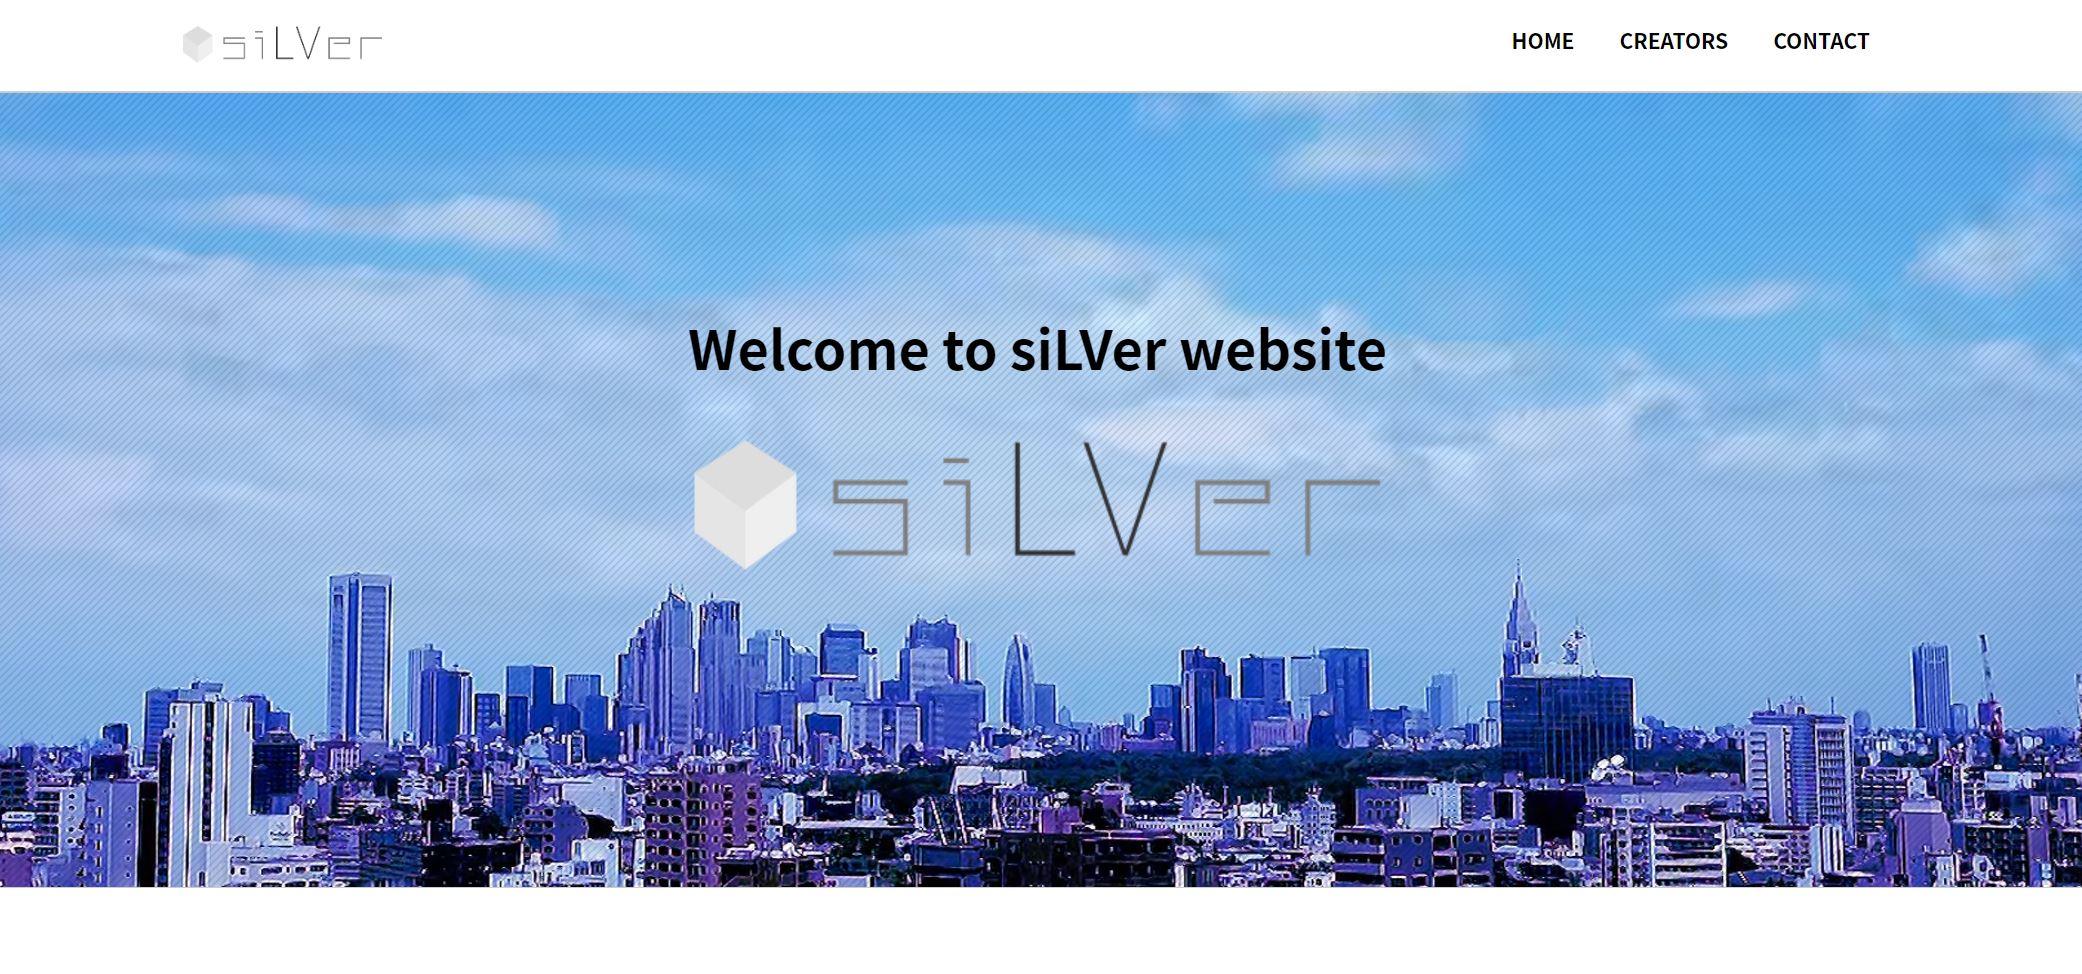 6.siLVer